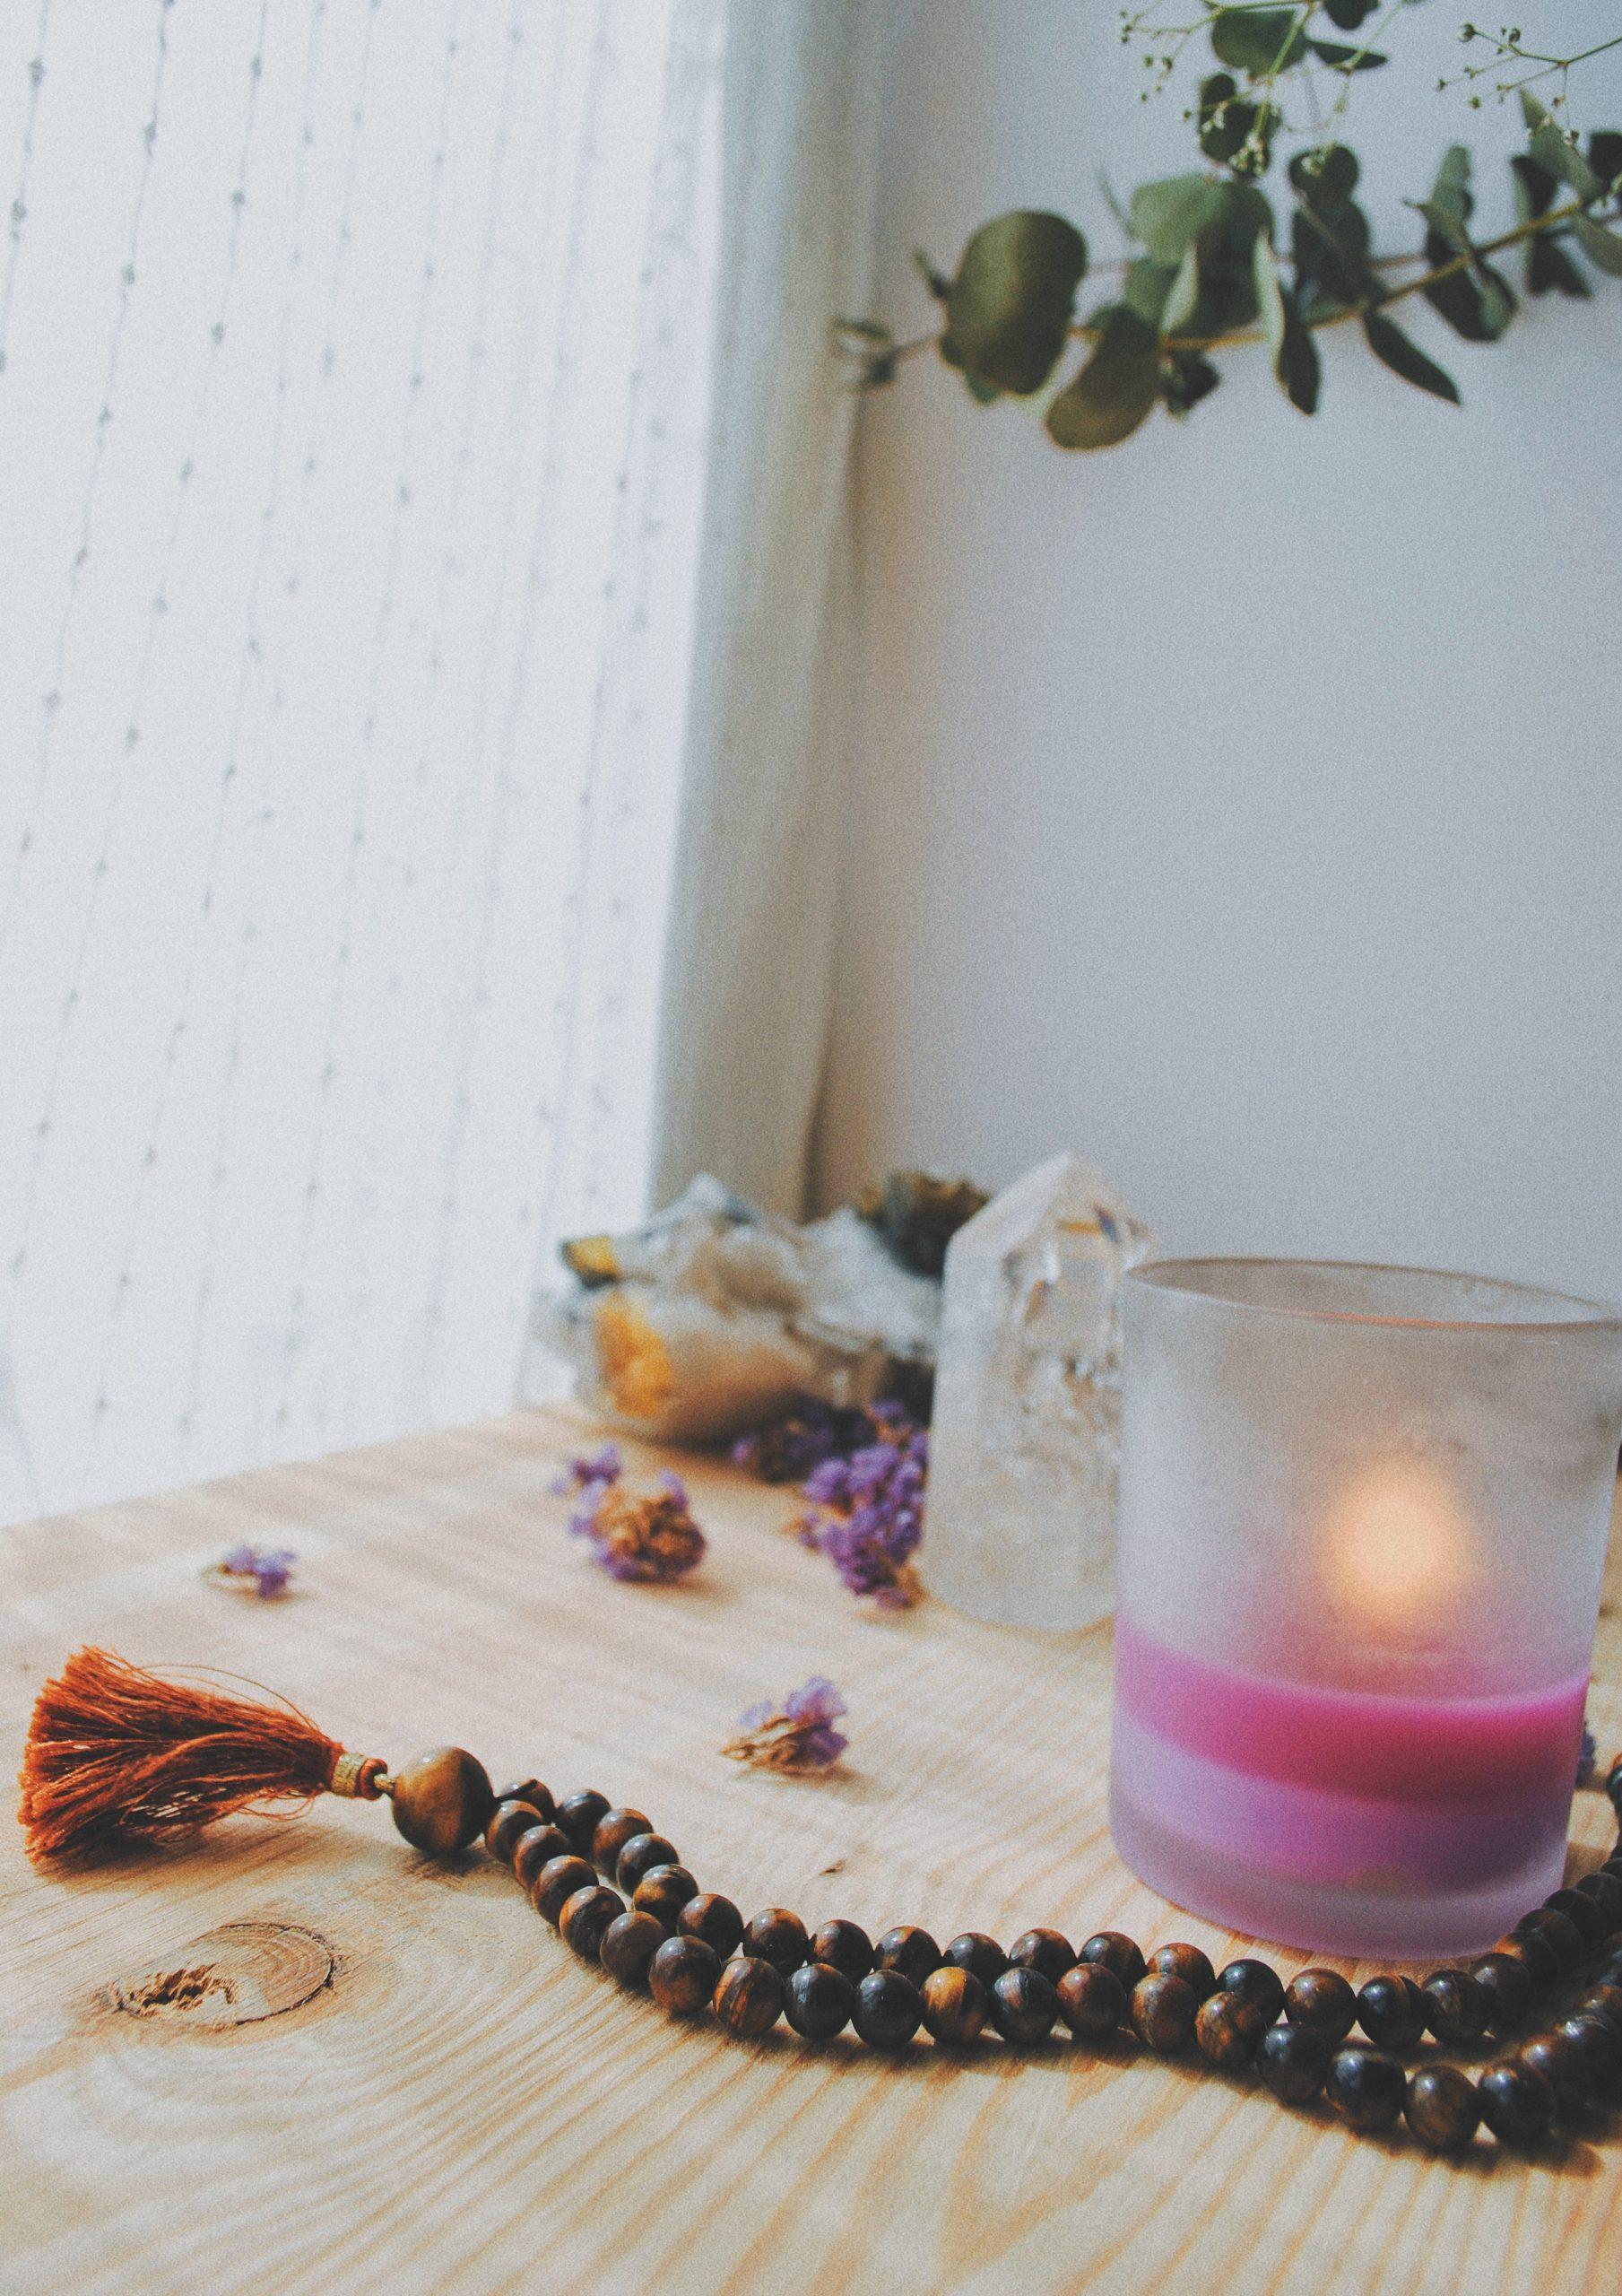 mesa con flores, incienso, una vela, piedras y un mala de meditación